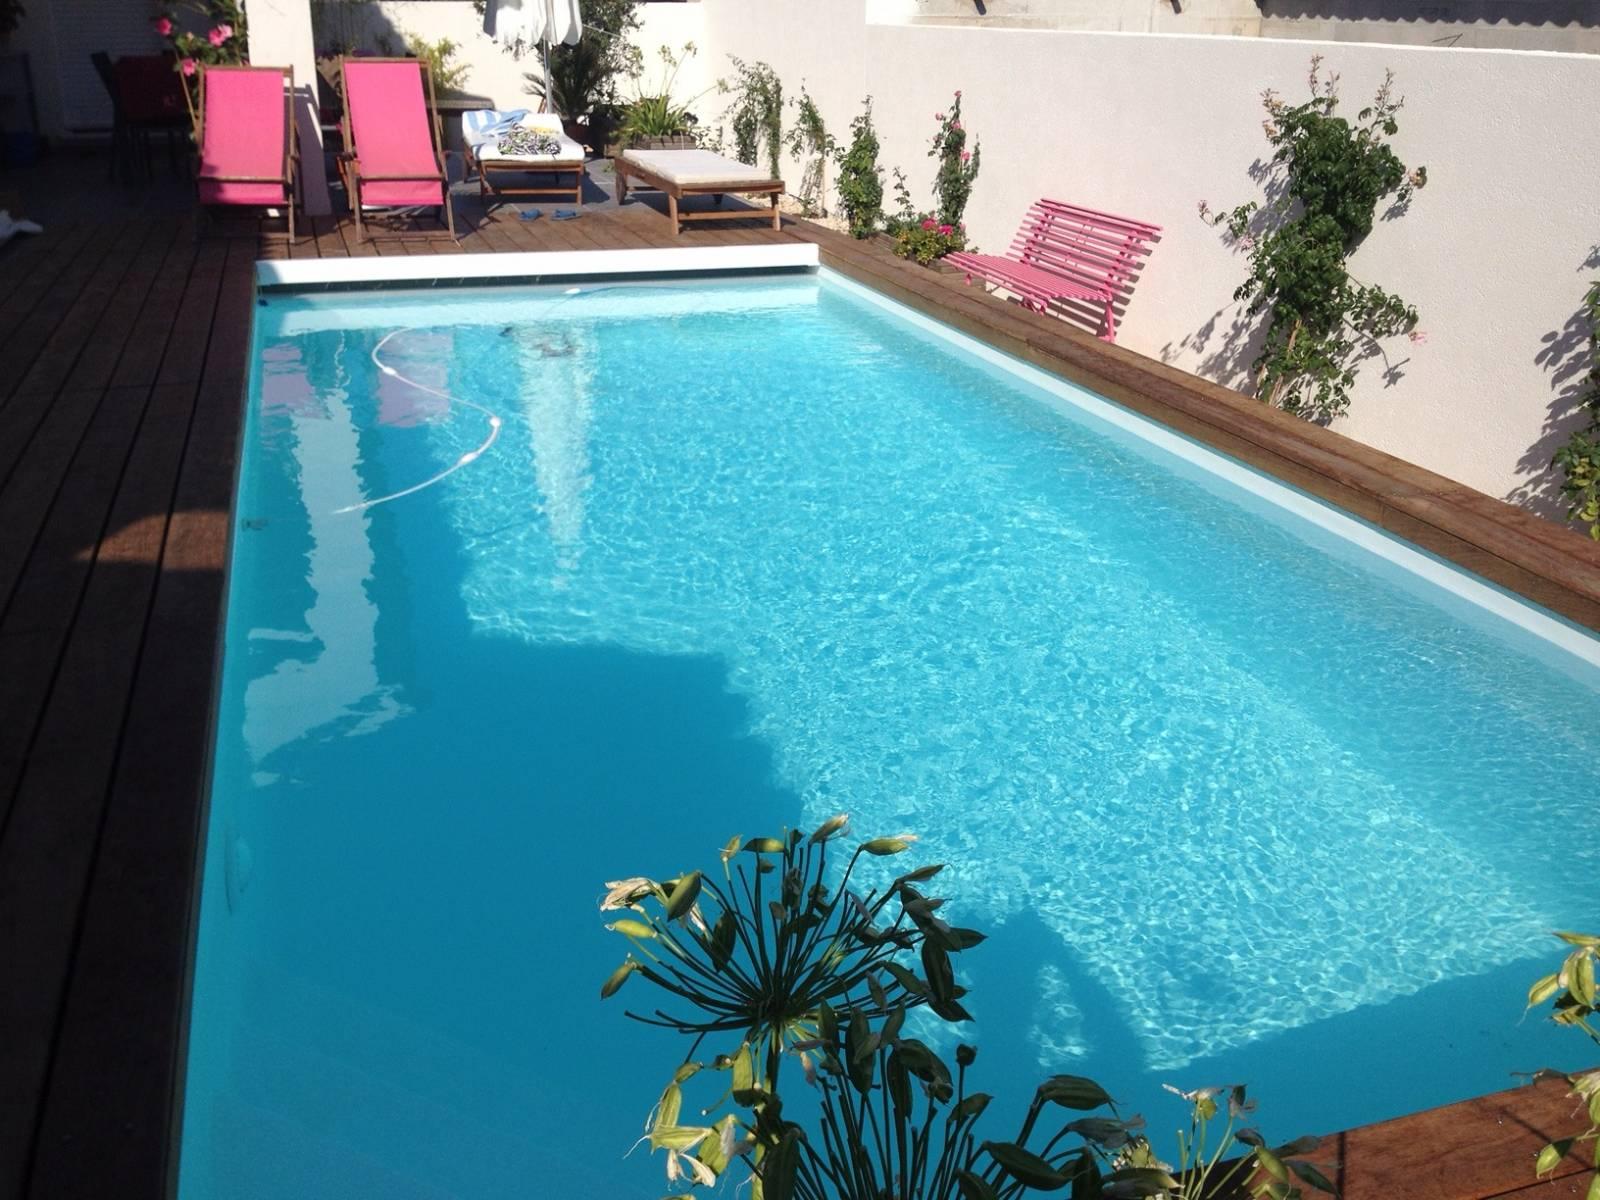 Ozeo piscine gemenos cheap fabrication de matriel de for Piscine de gemenos